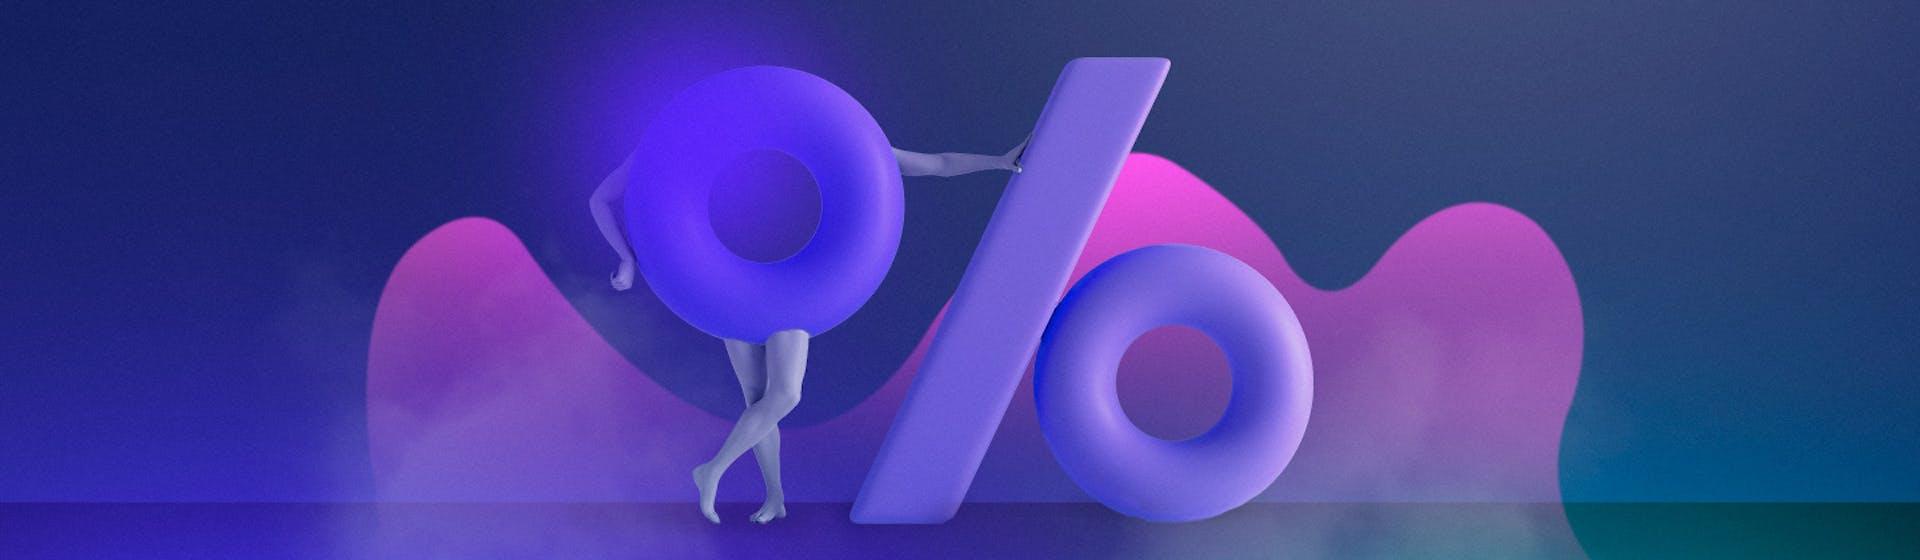 ¿Cómo sacar porcentajes en Excel? ¡Ten bajo control tu emprendimiento!